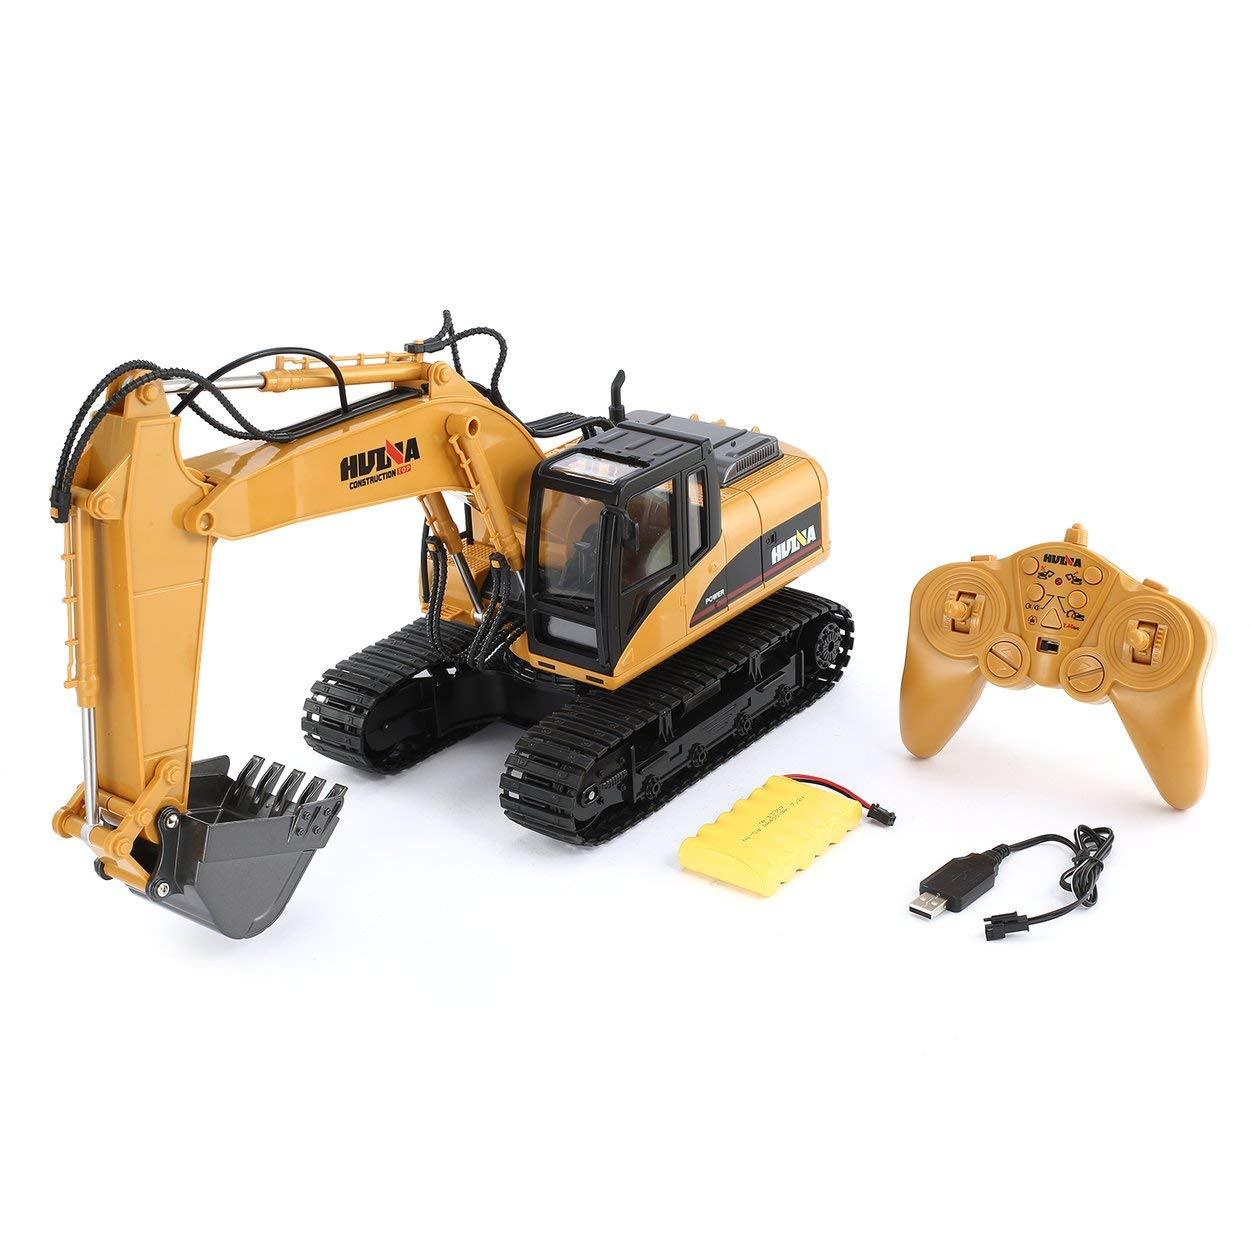 1550 1/14 15CH 680 Grad-umdrehung Legierung Eimer RC Bagger Baufahrzeug Spielzeug Geschenk mit Kühle Sound/Lichteffekt